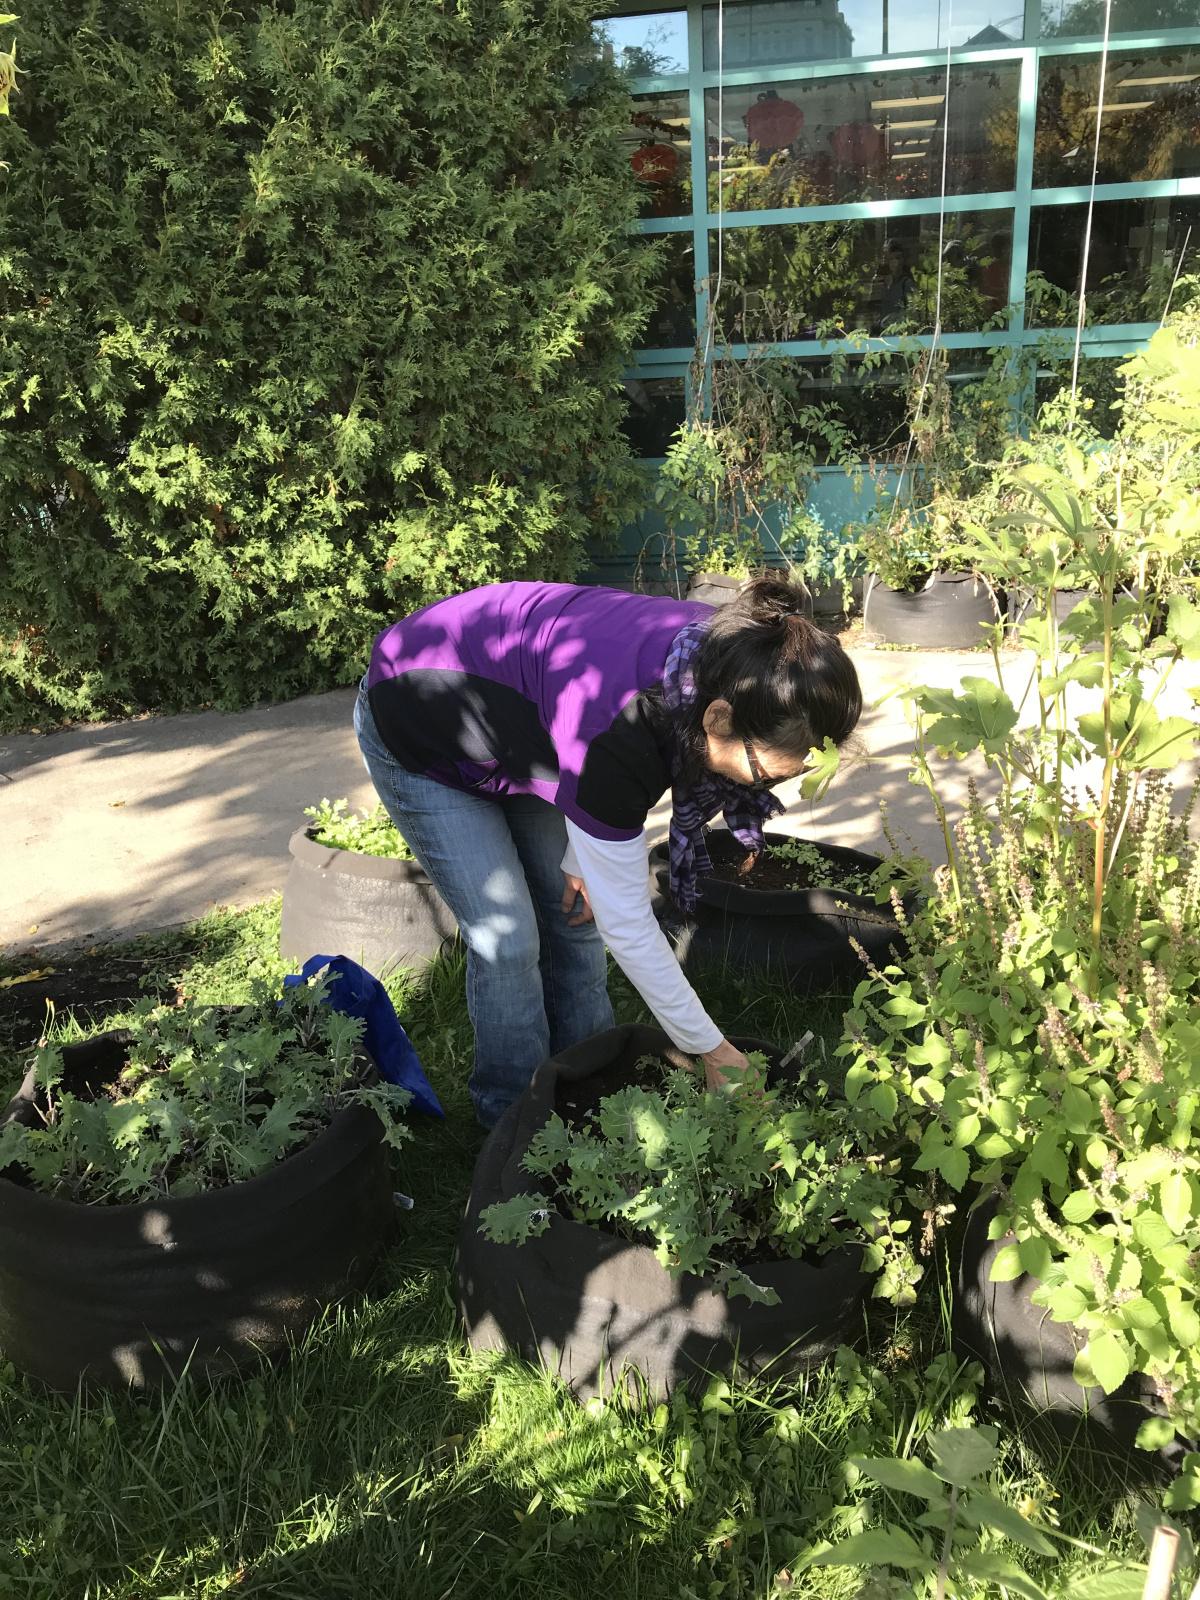 Une dame est penchée sur un grand sac de jardinage contenant des légumes.